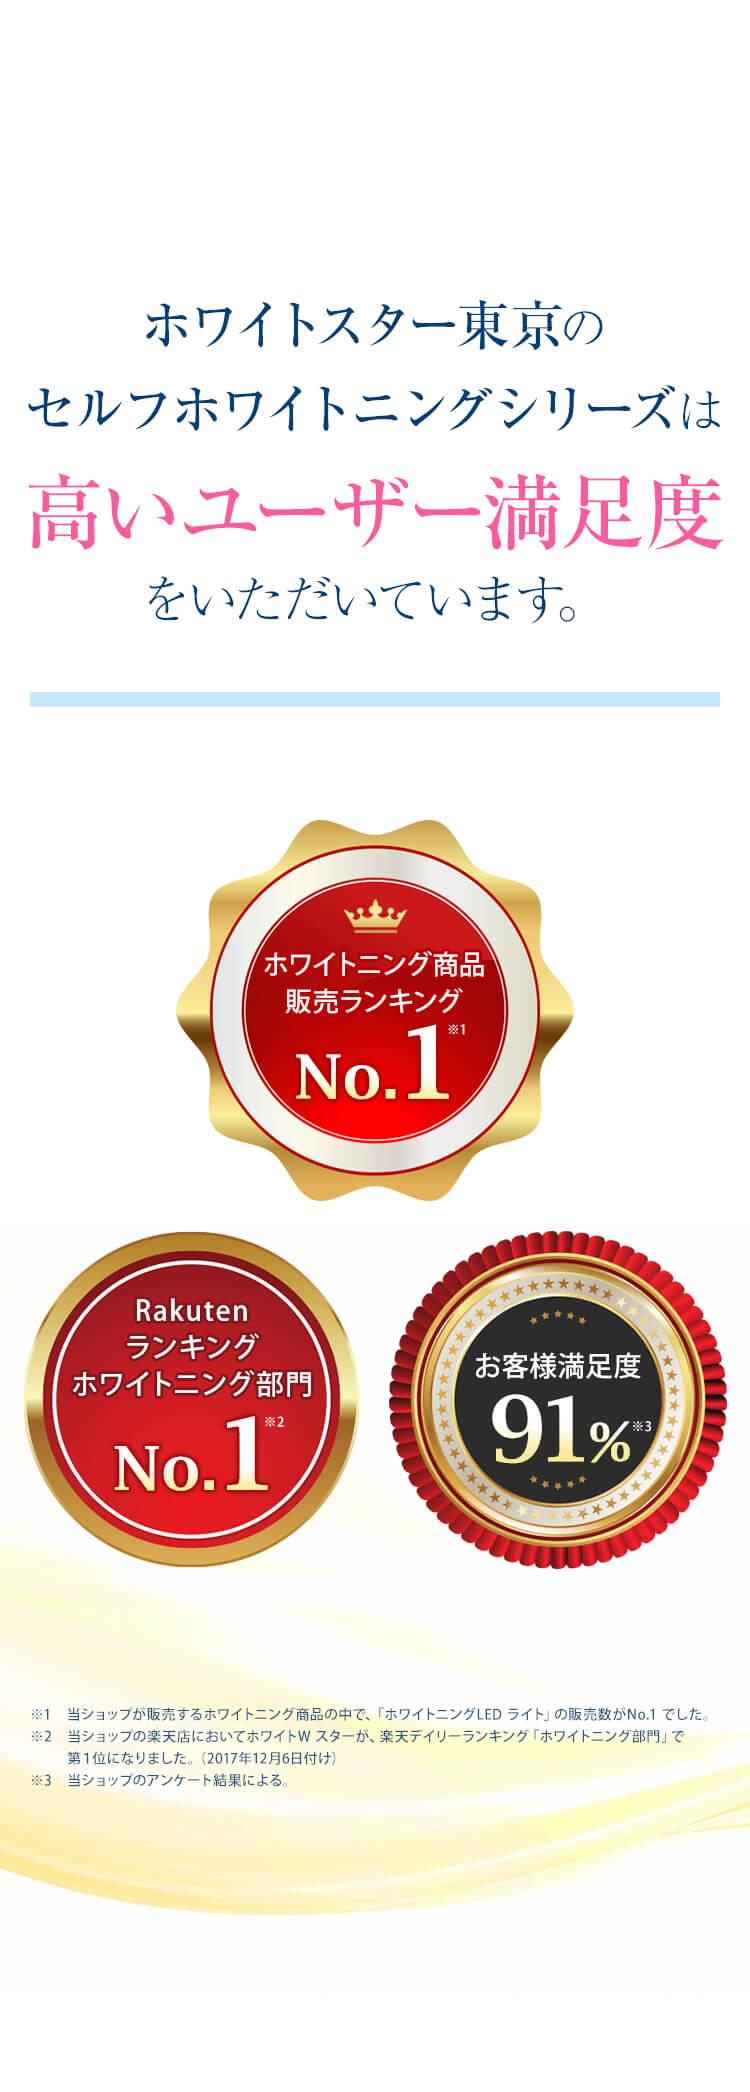 ホワイトスター東京のセルフホワイトニングシリーズは高いユーザー満足度をいただいています。